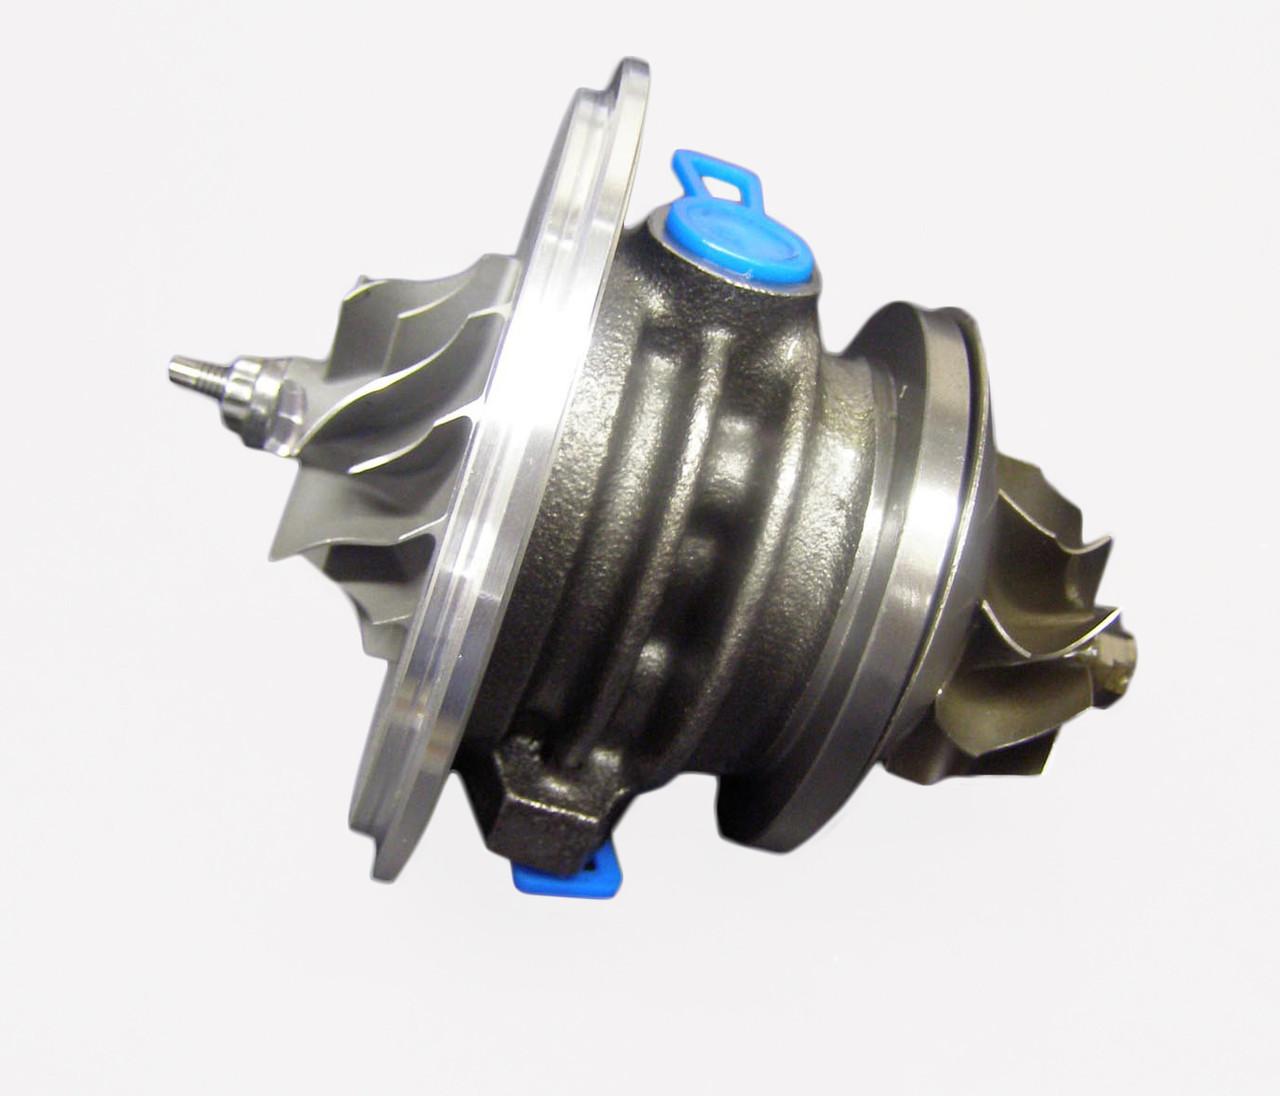 Картридж турбины Opel Frontera B 2.2DTI от 1998 г.в. 116 л.с. 454219-0001, 454229-0001, 454229-0002